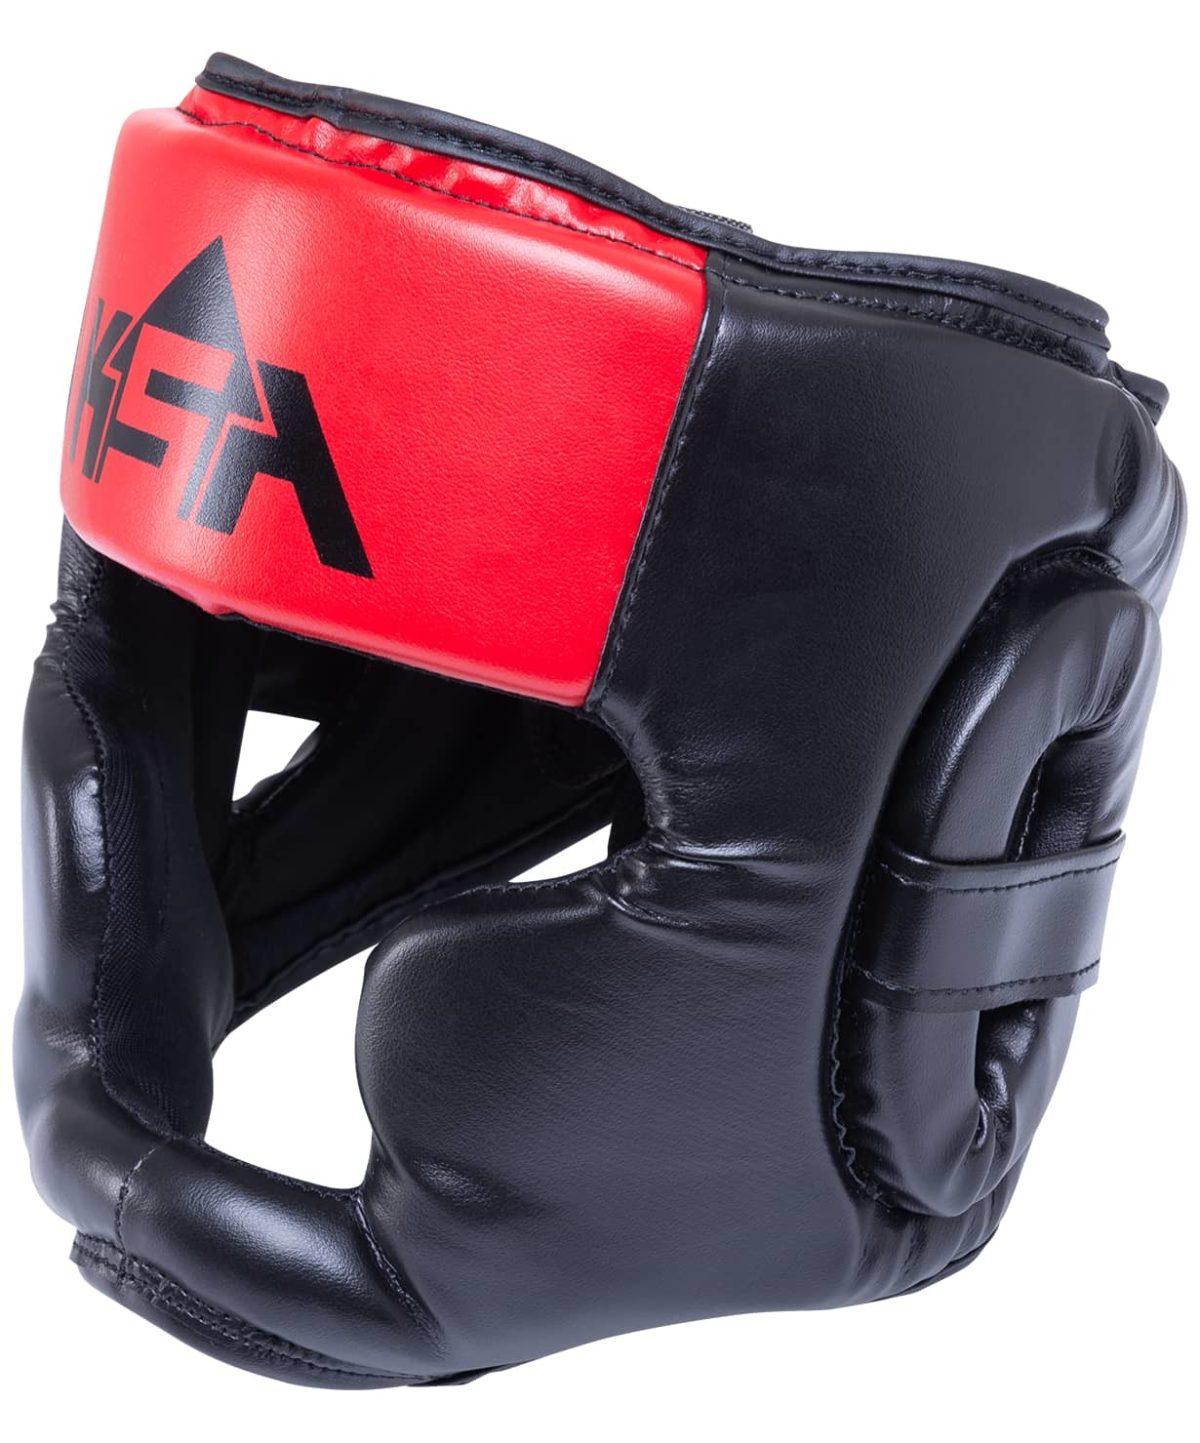 KSA Skull Red шлем закрытый  17908 - 1